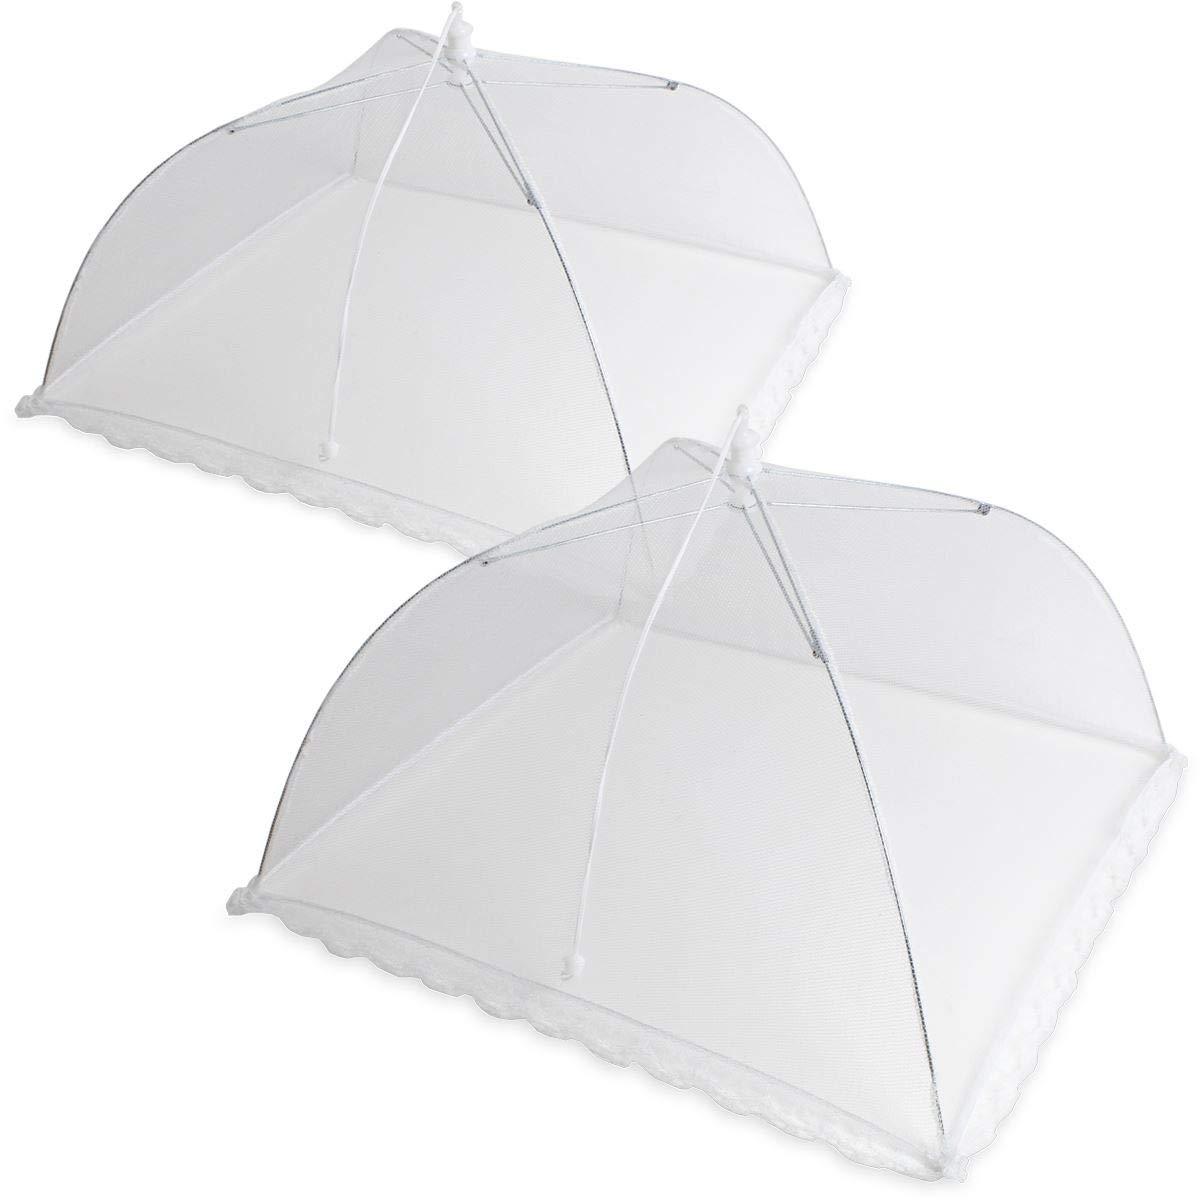 iGadgitz Home U6919 - Food Tent de Malla de Poliéster Mosquitera Comida Plegable Reutilizable - Cubre Alimentos, Pantalla de Insecto - Interior y Exterior - Blanco - 2 Piezas